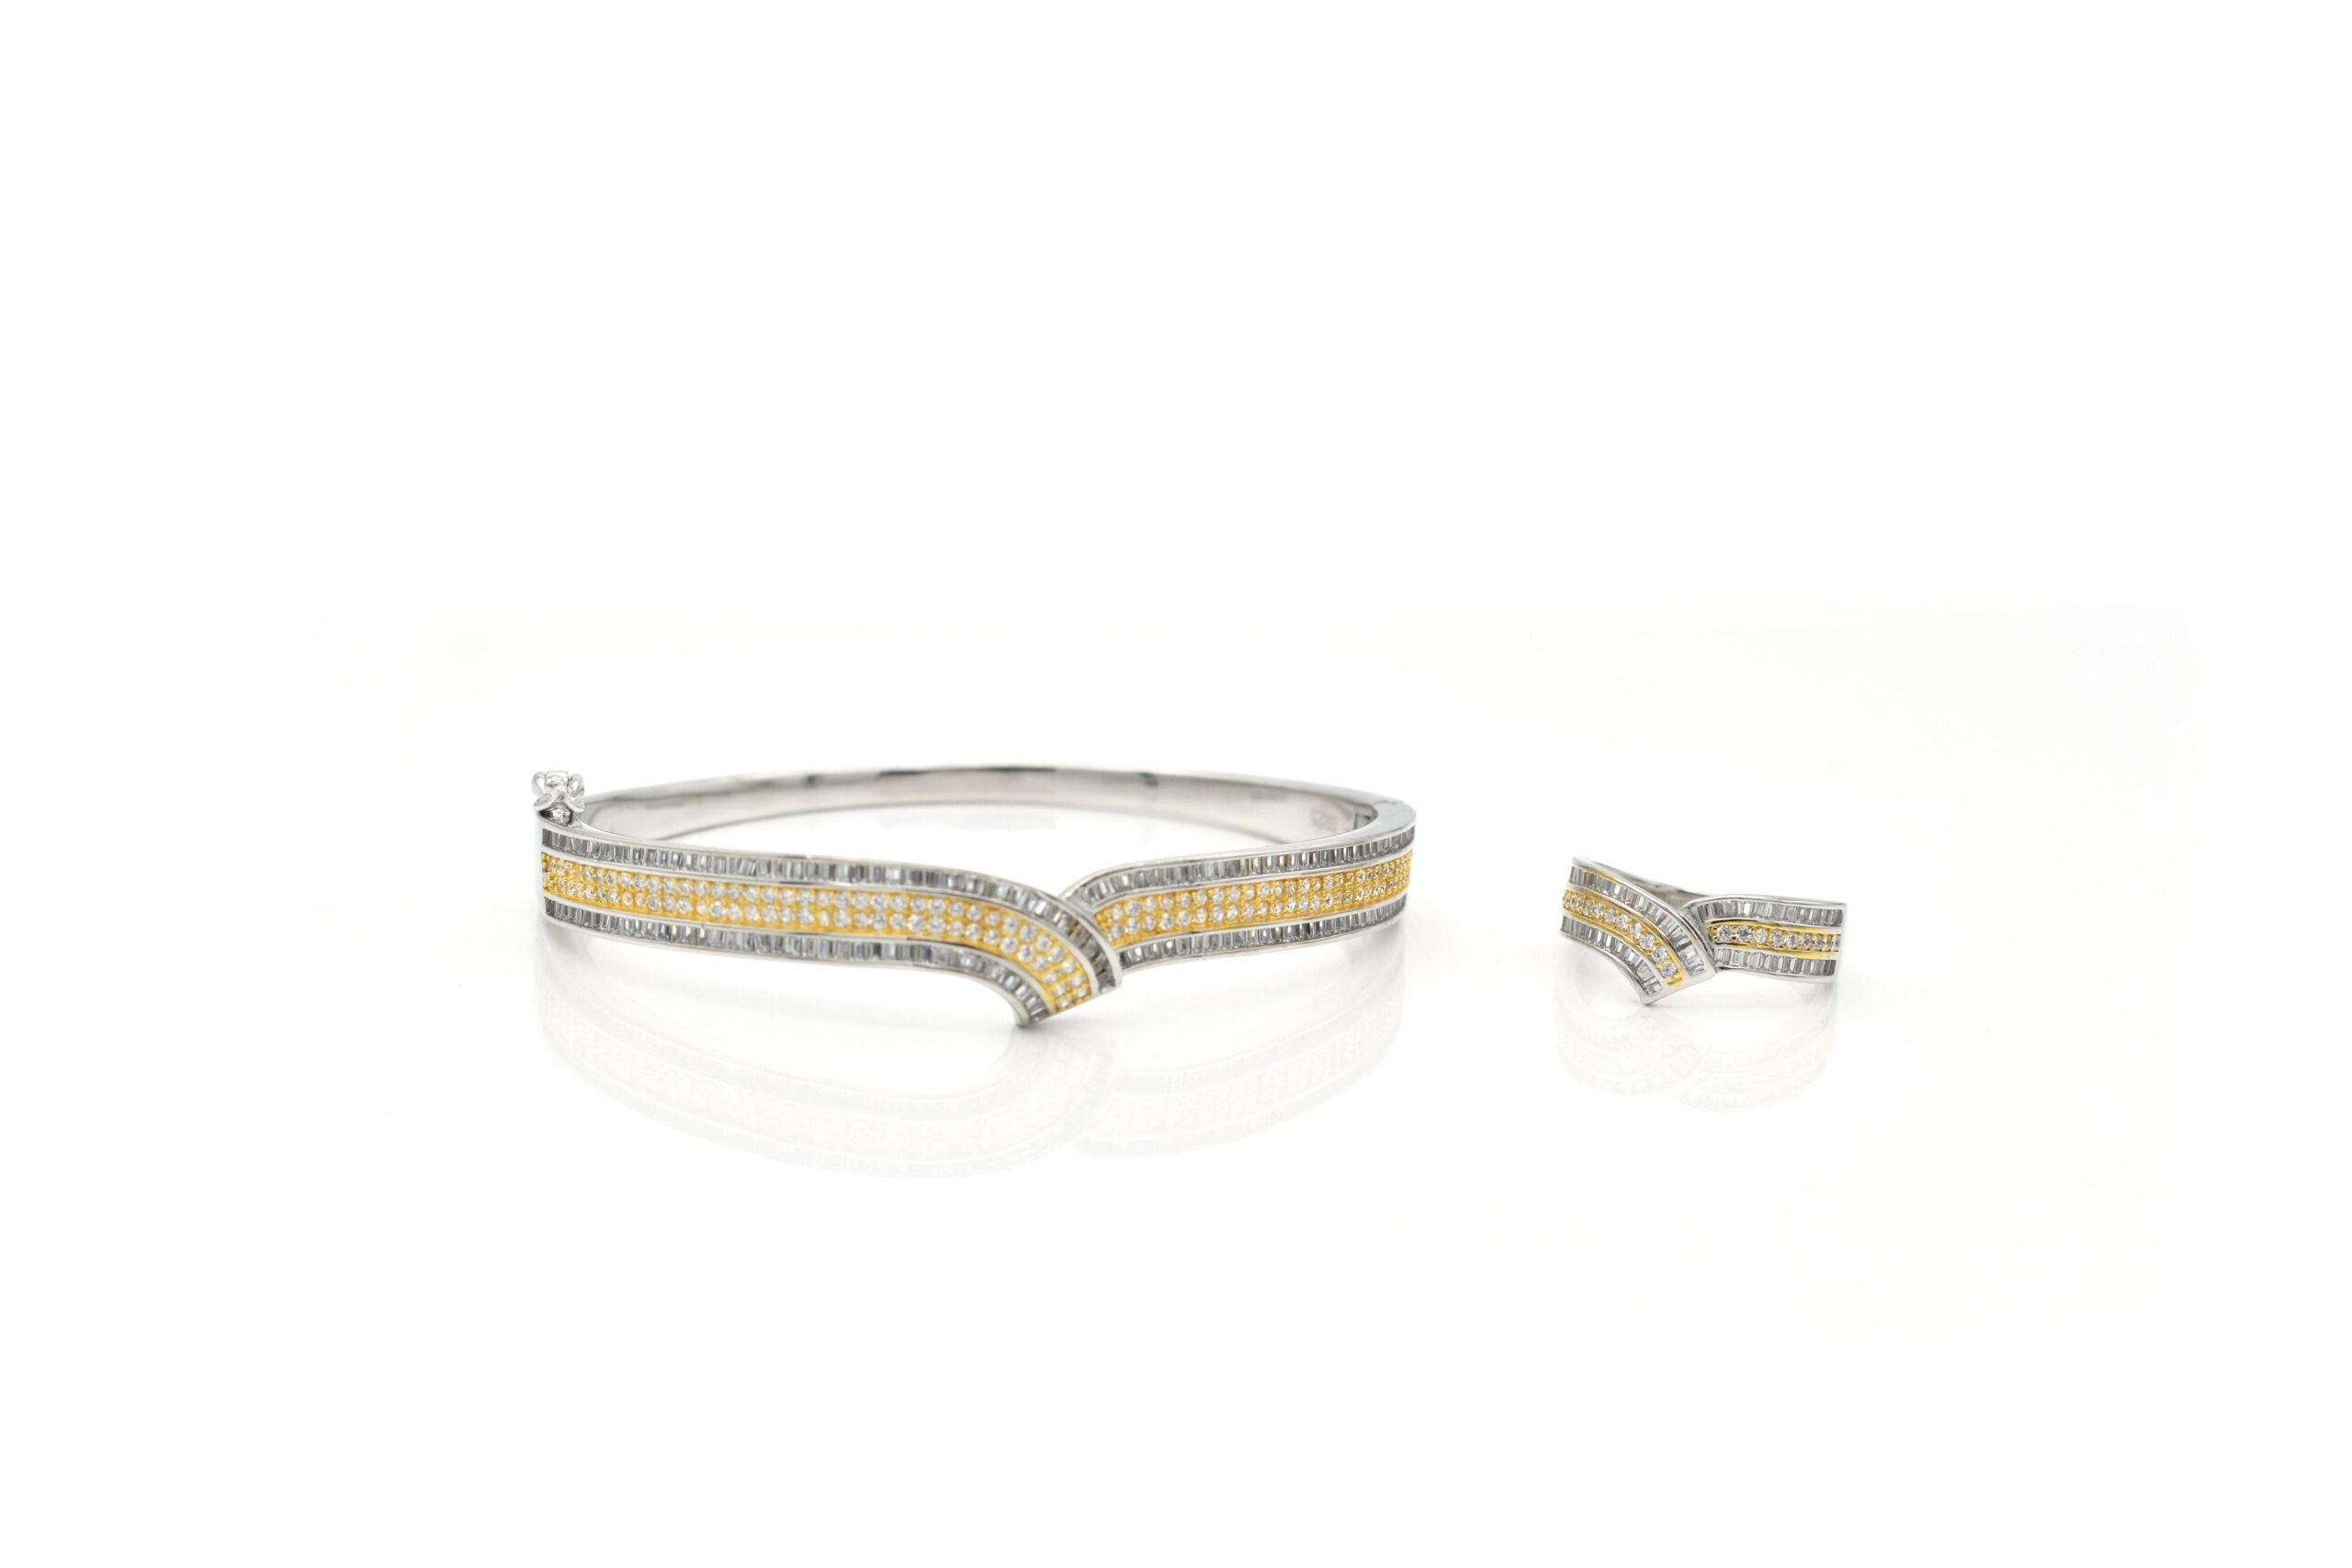 denius-bijuterii-din-argint-set-inel-bratara-din-argint-doua-culori.jpg